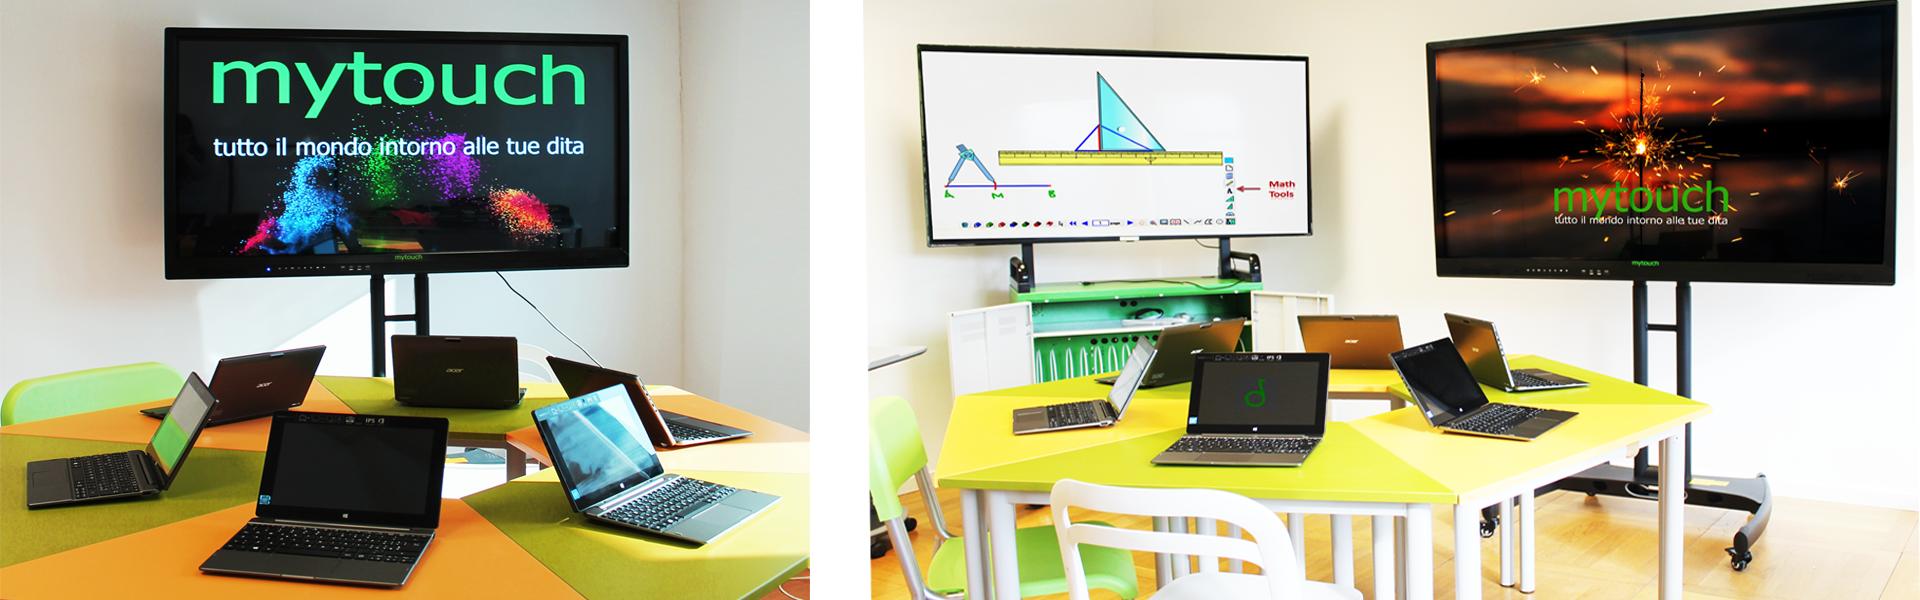 Ambienti Digitali, Atelier creativi monitor